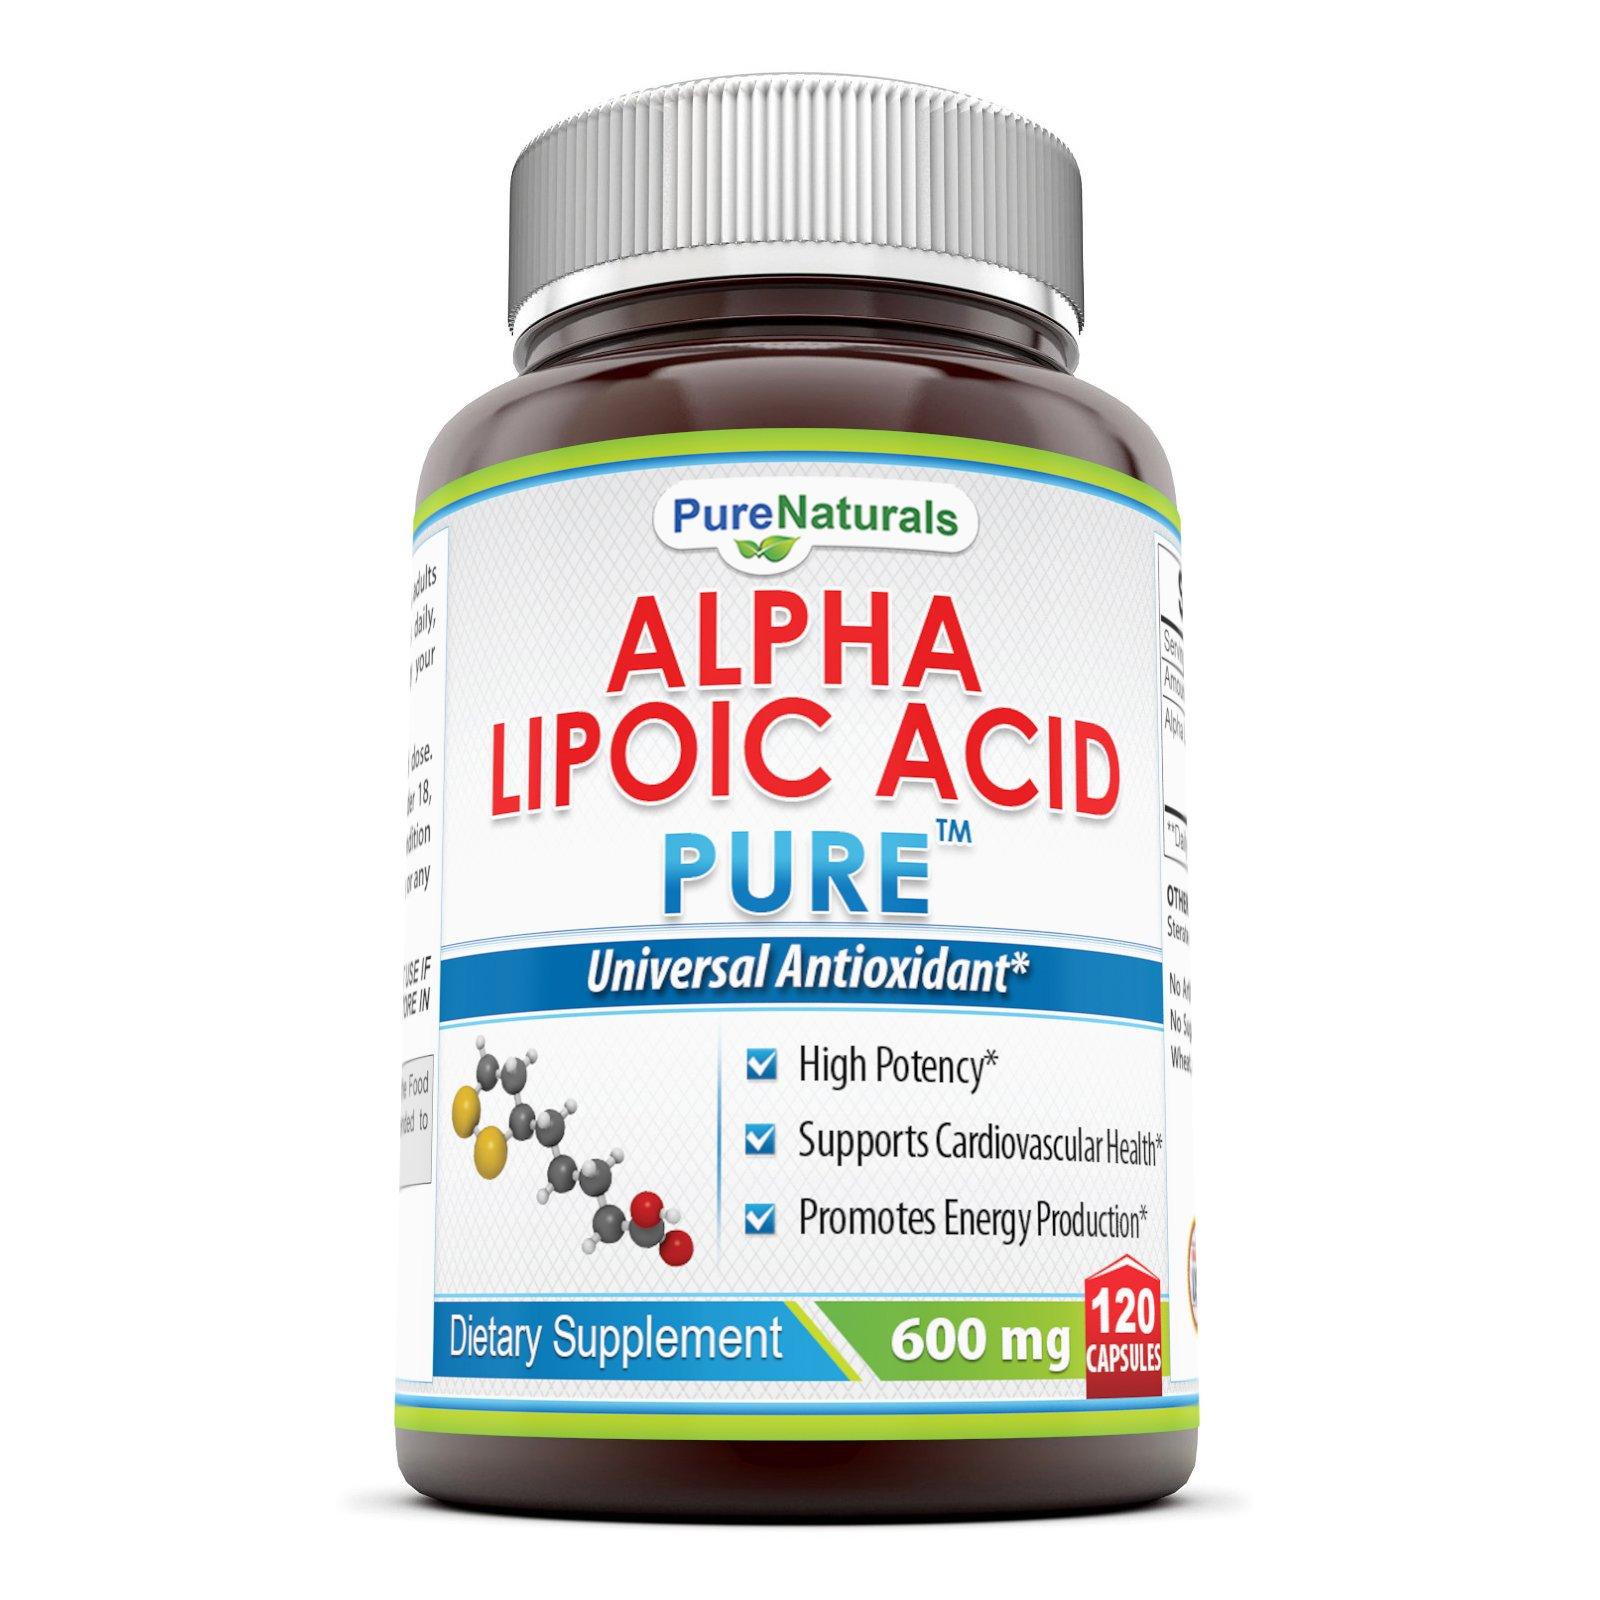 Pure Naturals Alpha Lipoic Acid 600 Mg Capsules, 120 Count